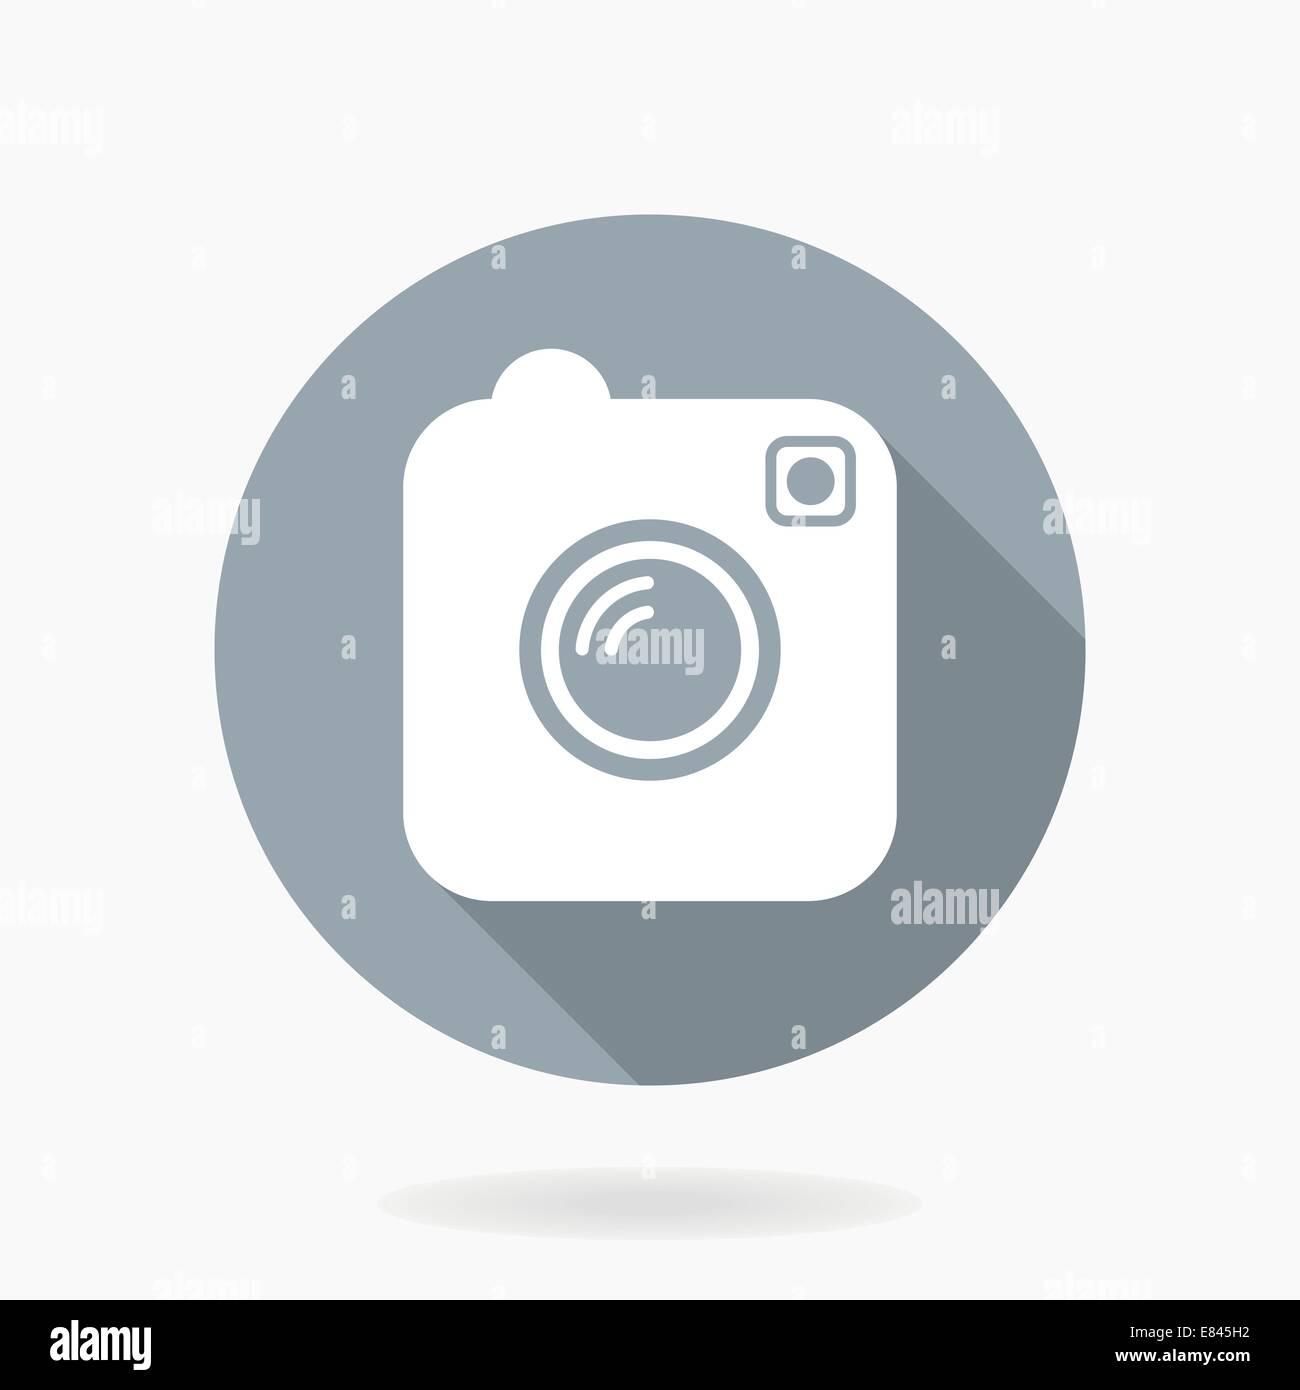 Fotocamera icona vettore con design piatto nel cerchio blu con lunga ombra Immagini Stock